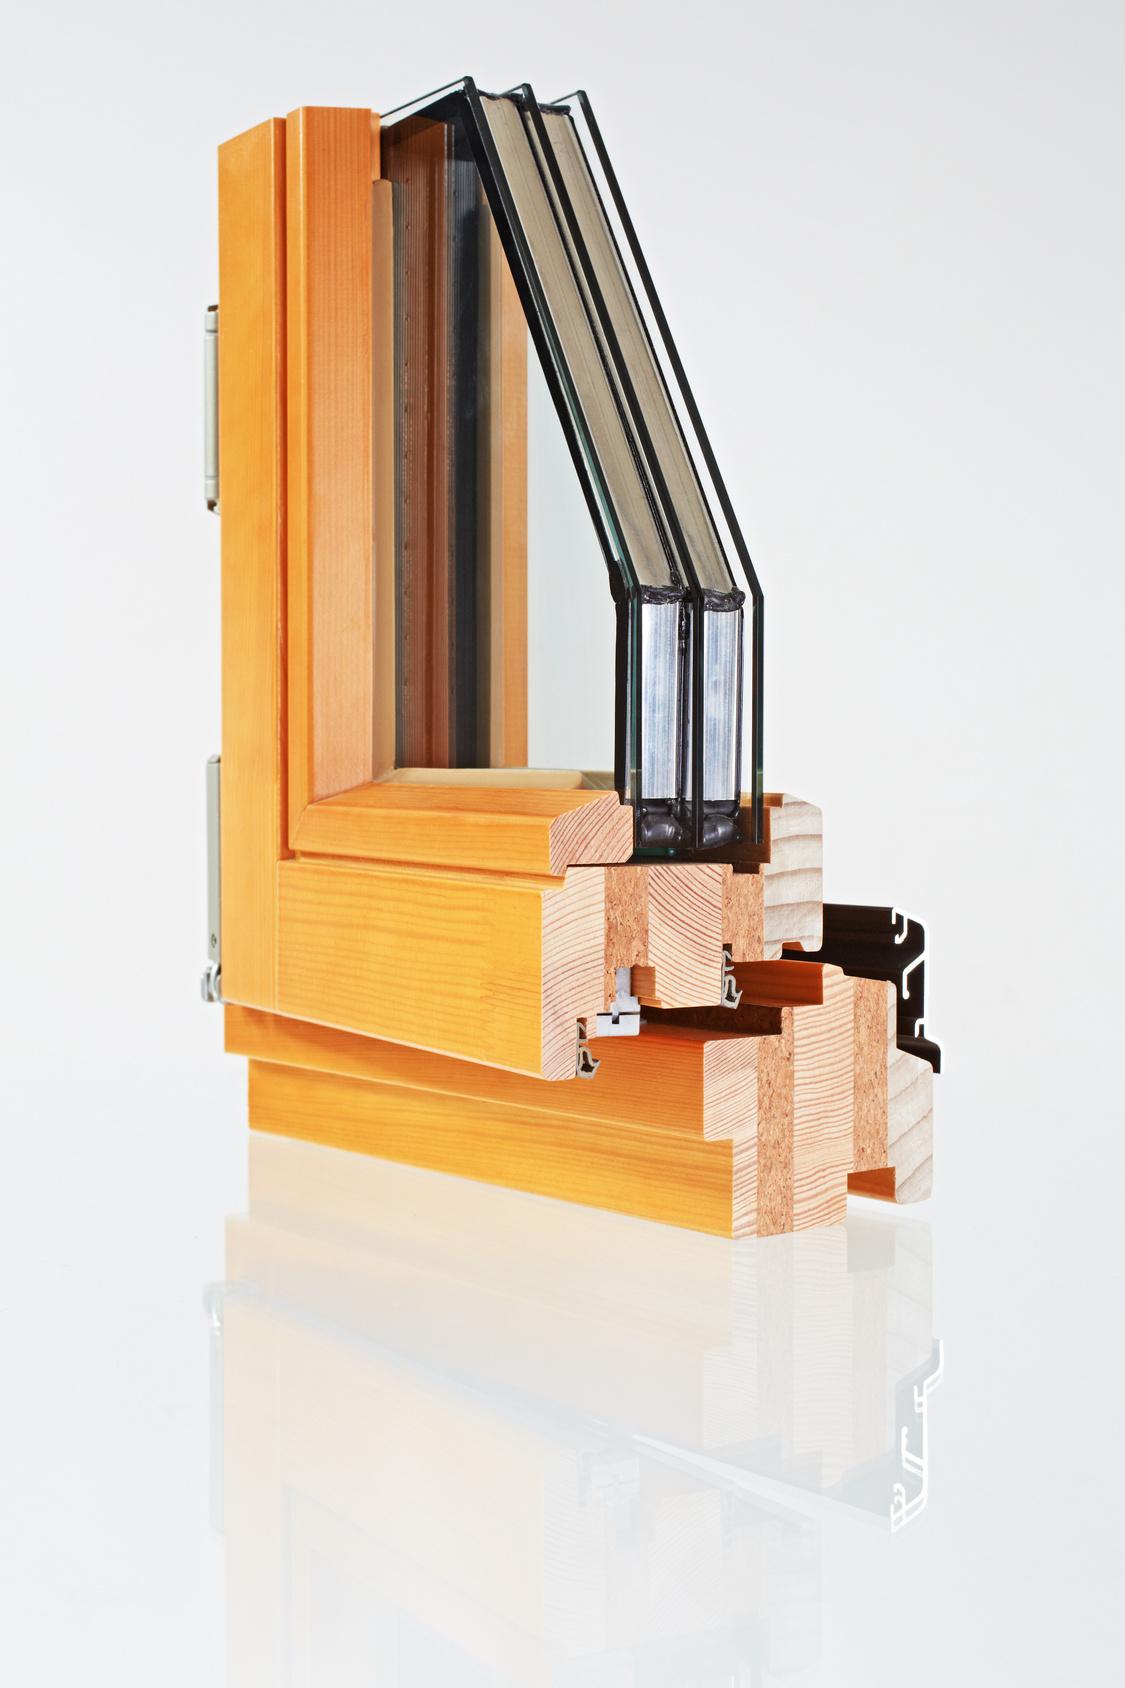 fenster aus holz lebendiges material als hightech produkt schreinerei ralf lenz. Black Bedroom Furniture Sets. Home Design Ideas